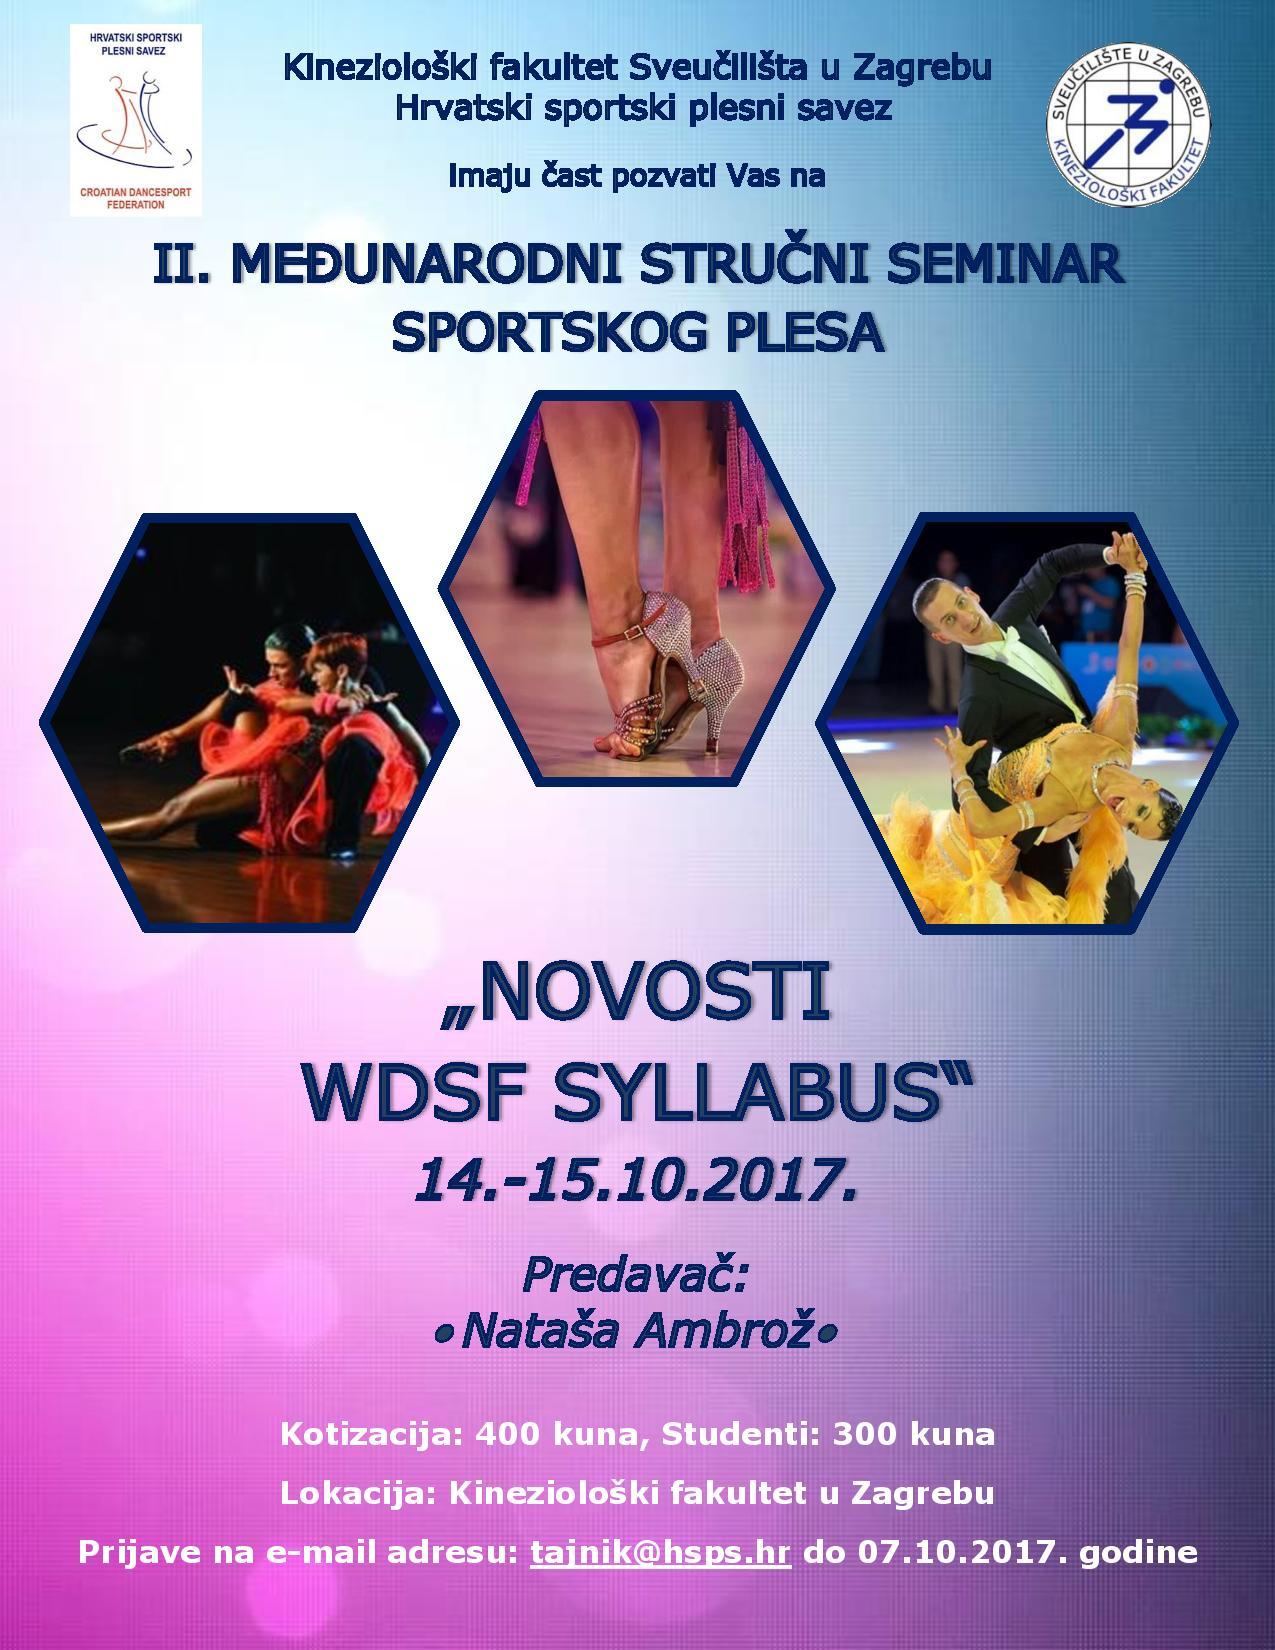 II. Međunarodni stručni seminar sportskog plesa